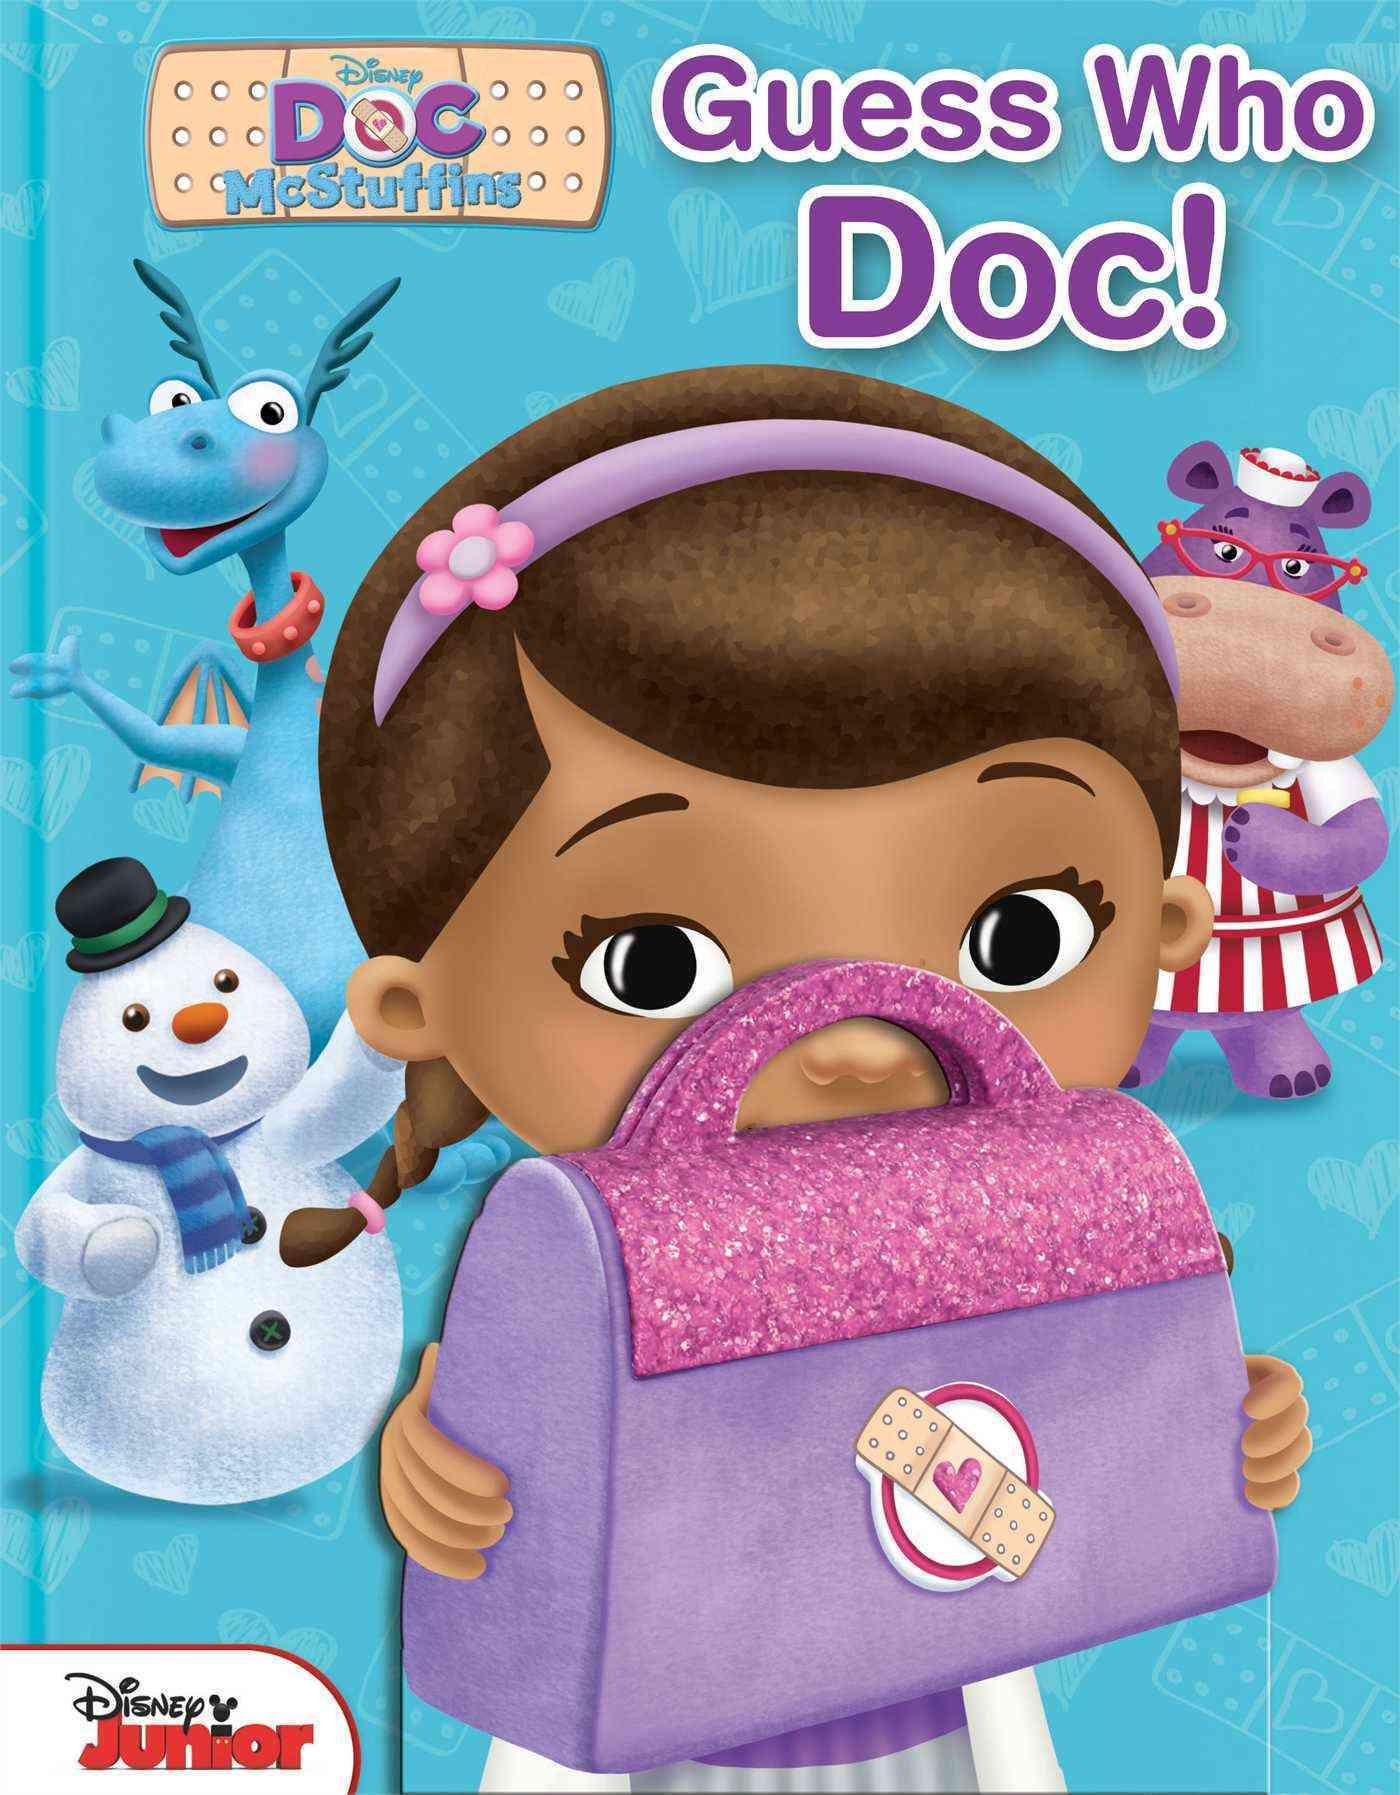 Disney Doc Mcstuffins Guess Who, Doc! By Disney Doc Mcstuffins (CRT)